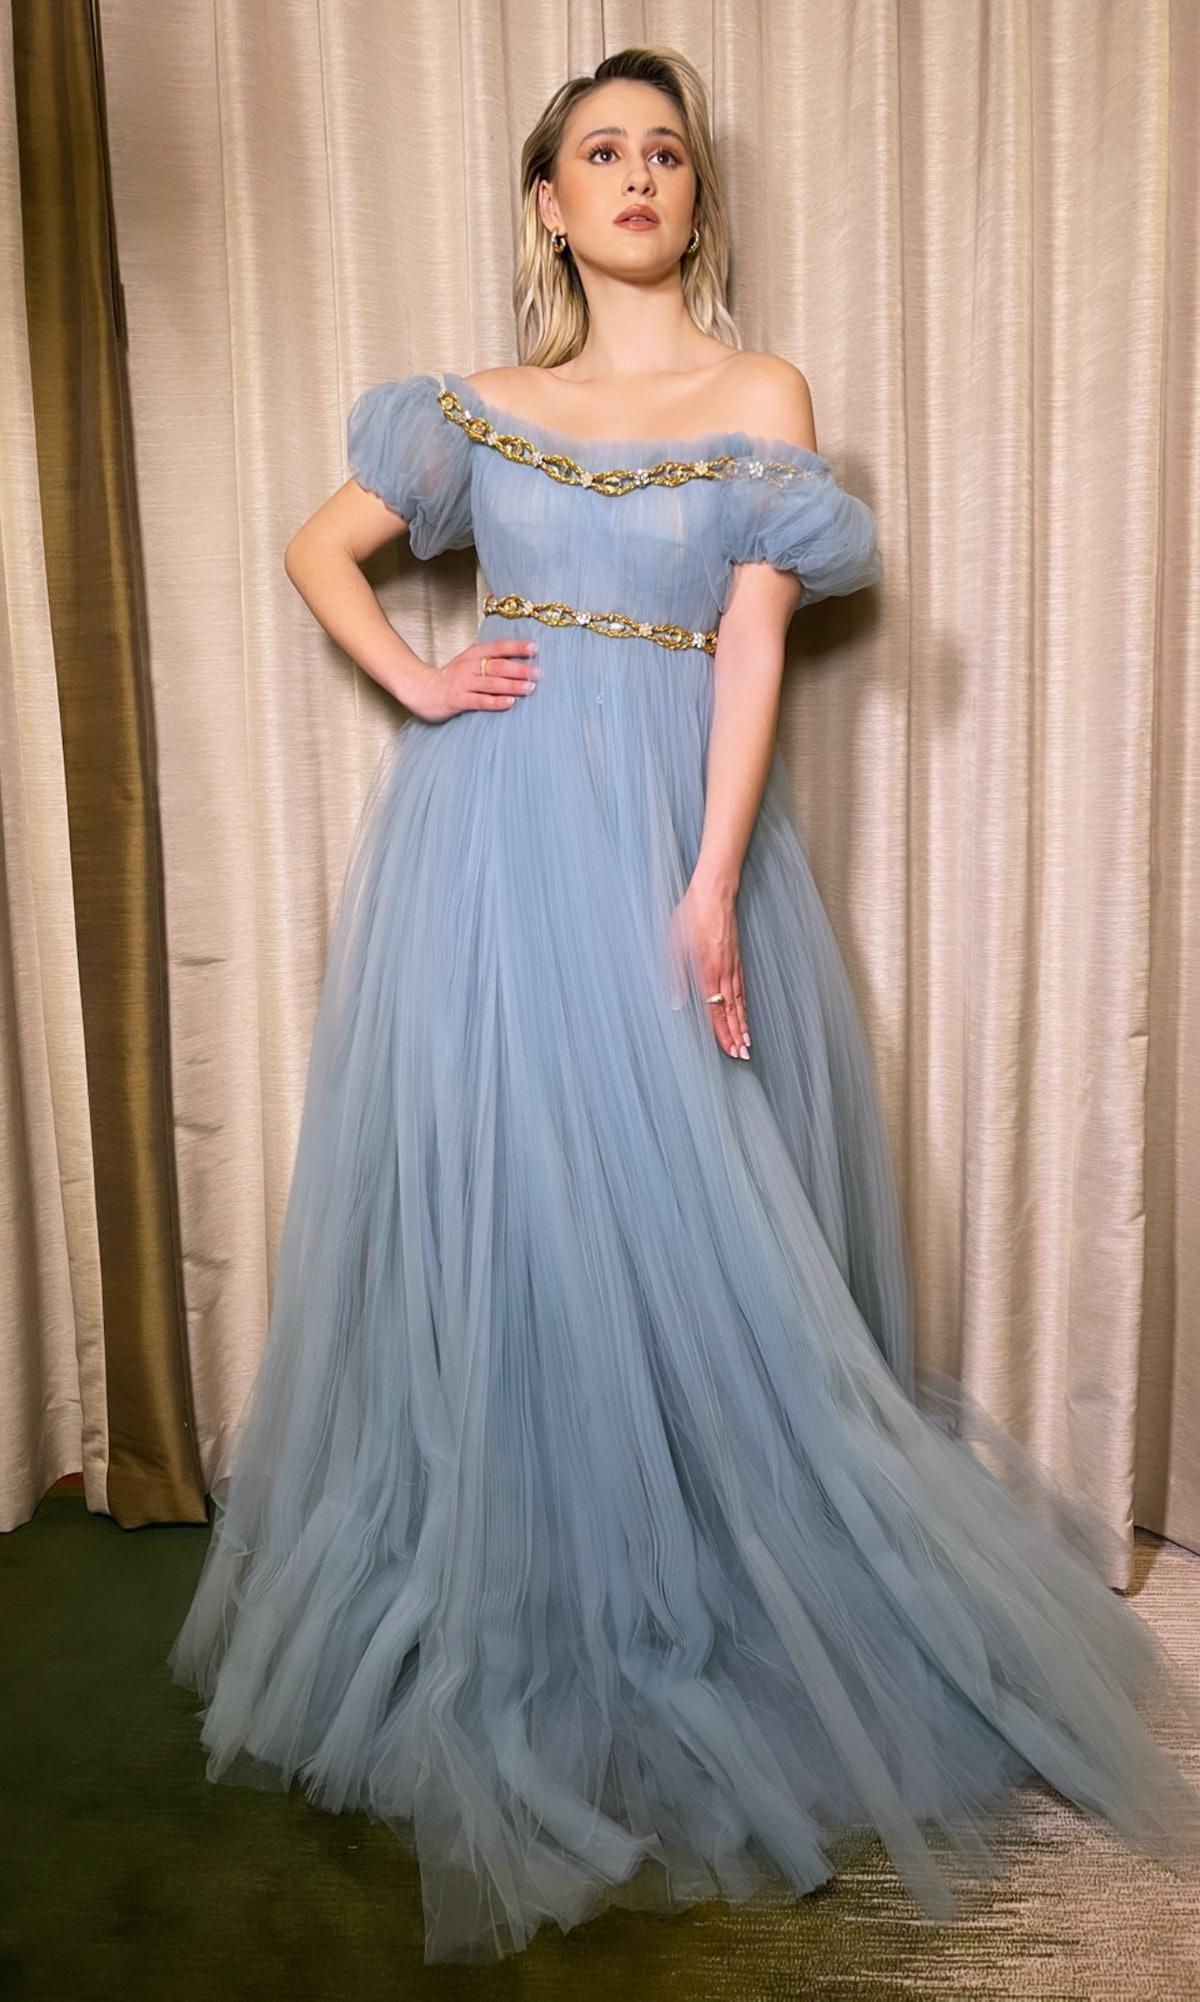 Maria Bakalova in Dolce & Gabbana